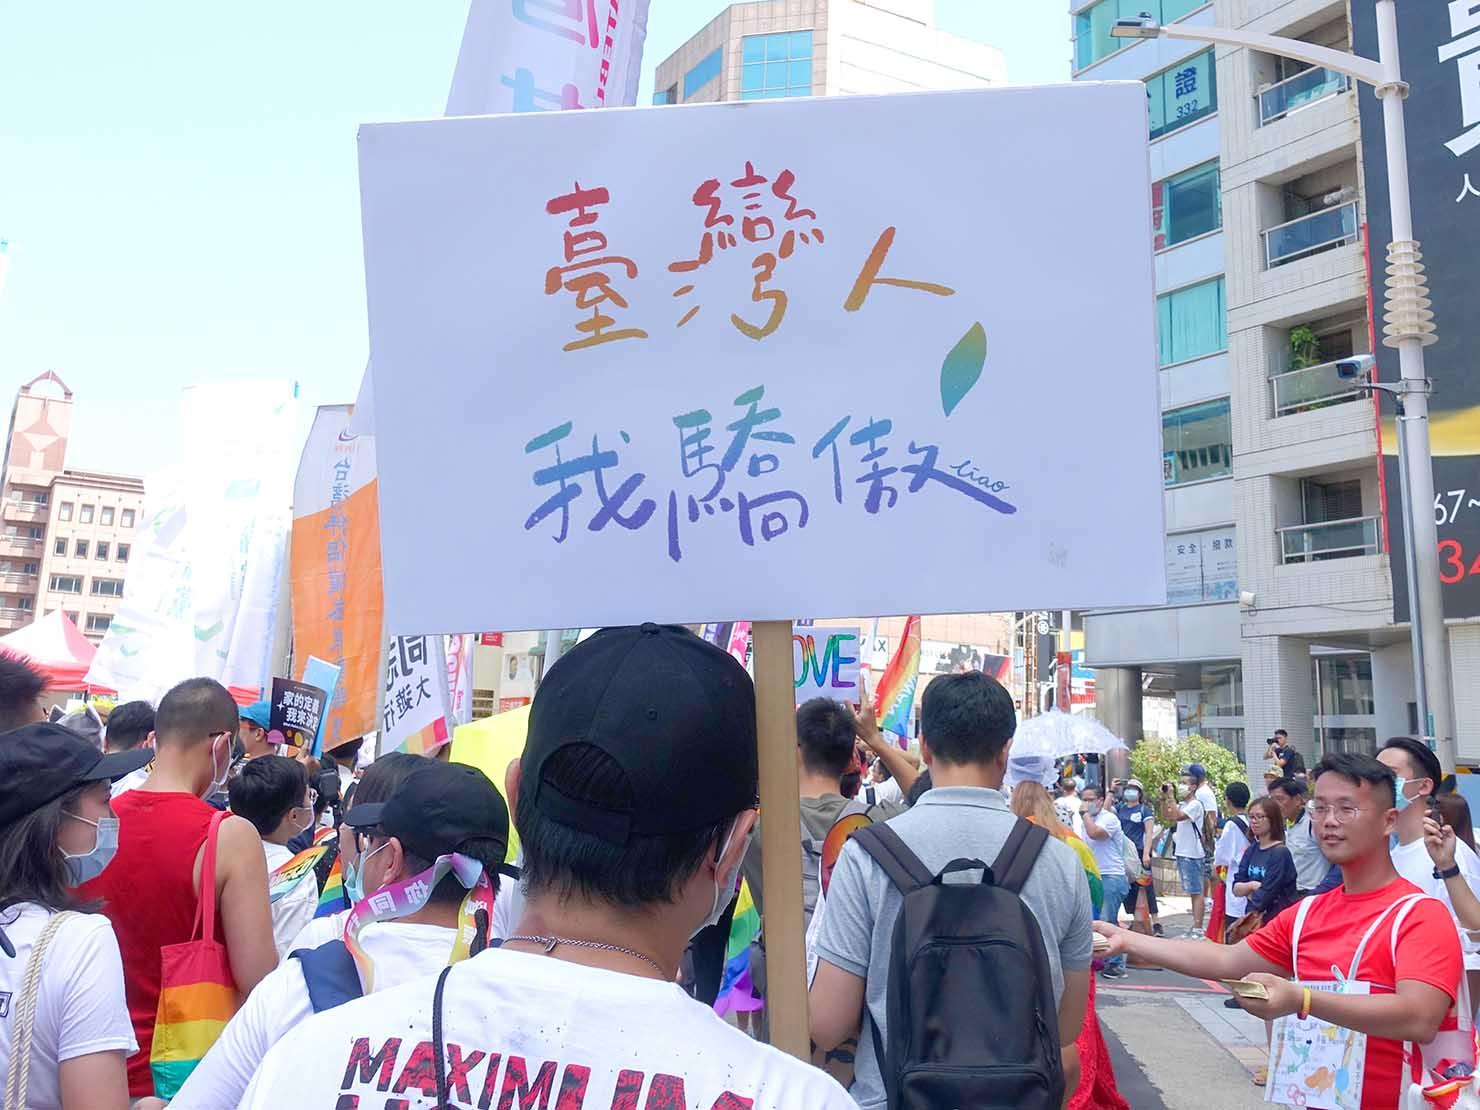 台湾・桃園のLGBTプライド「桃園彩虹野餐日」2020パレードで「台灣人 我驕傲」のプラカードを掲げる参加者